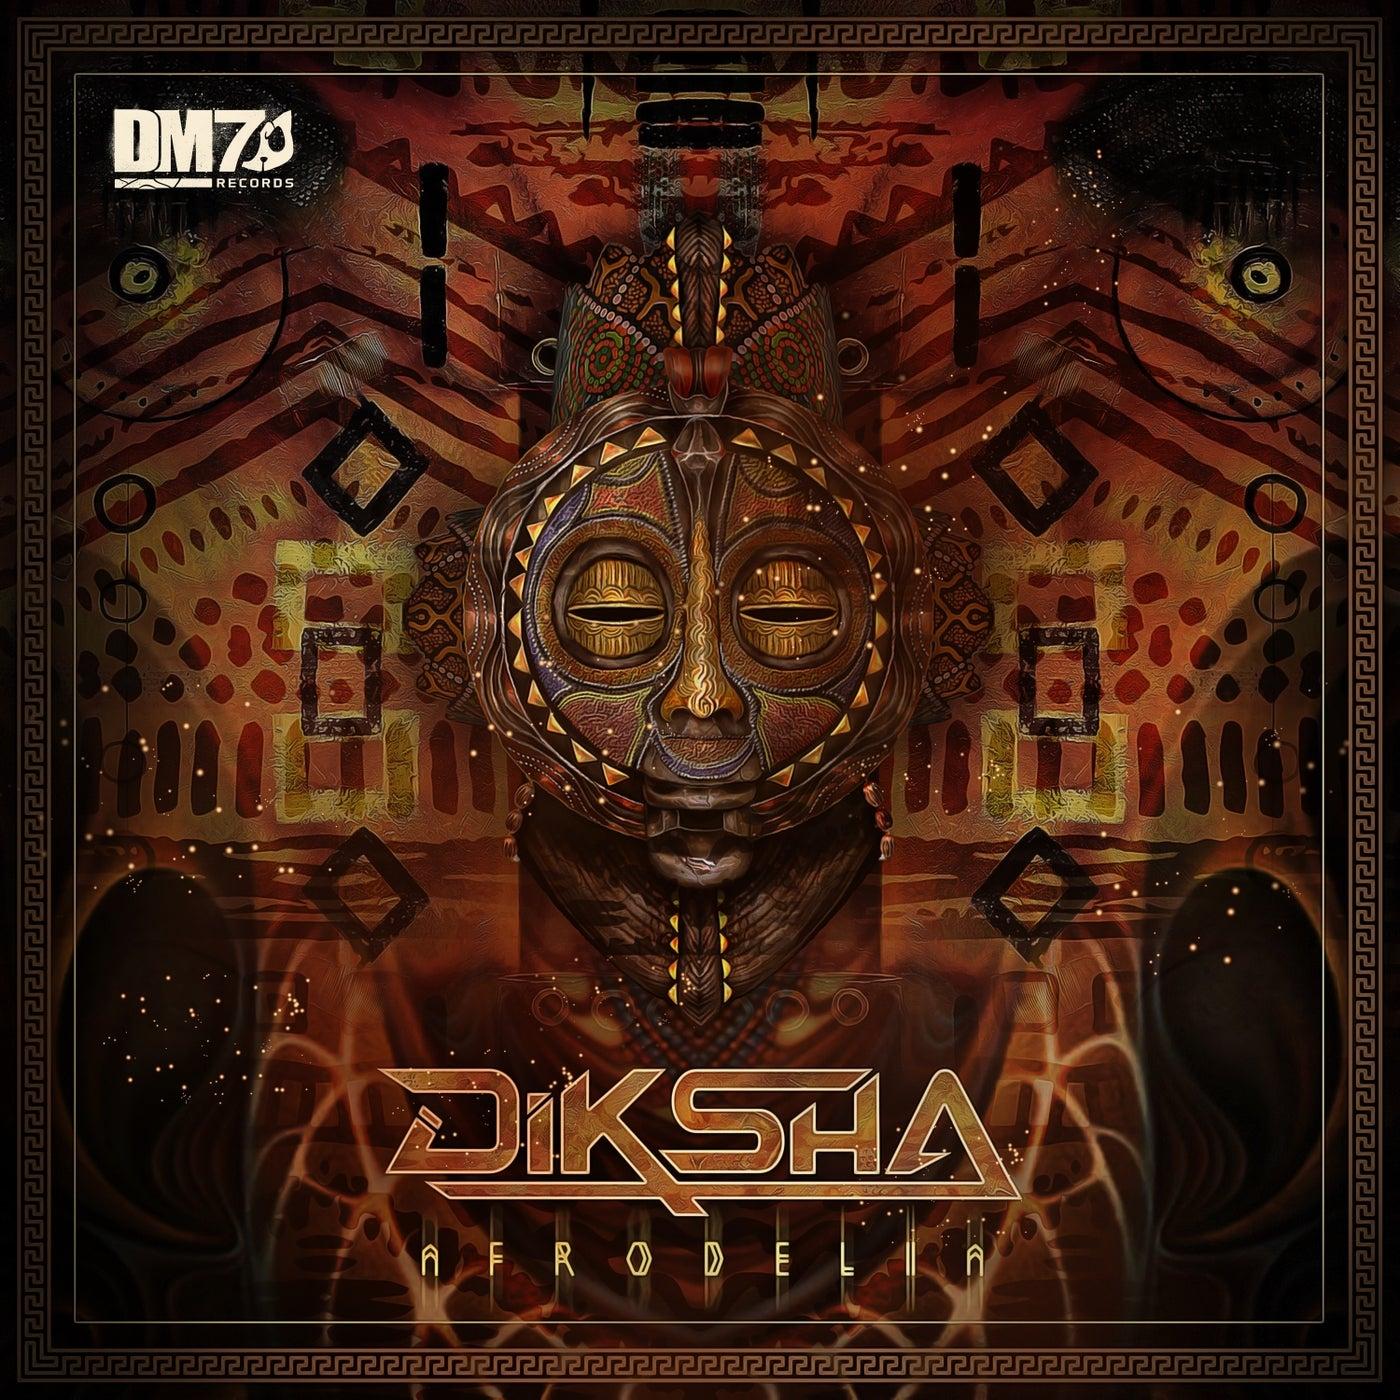 Afrodelia (Original Mix)